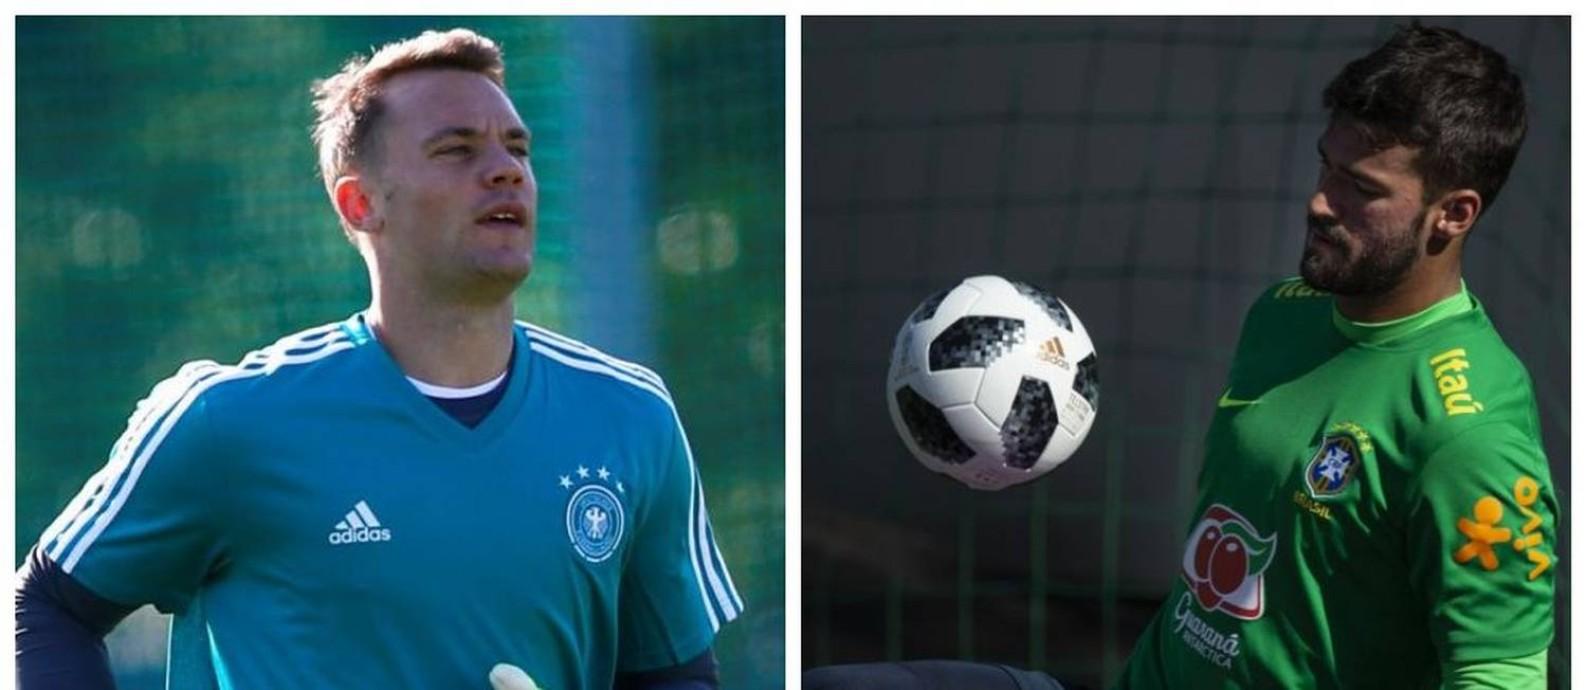 O alemão Neuer e o brasileiro Alisson estreiam neste domingo Foto  Reuters  e Alexandre Cassiano 93752ef1b029f